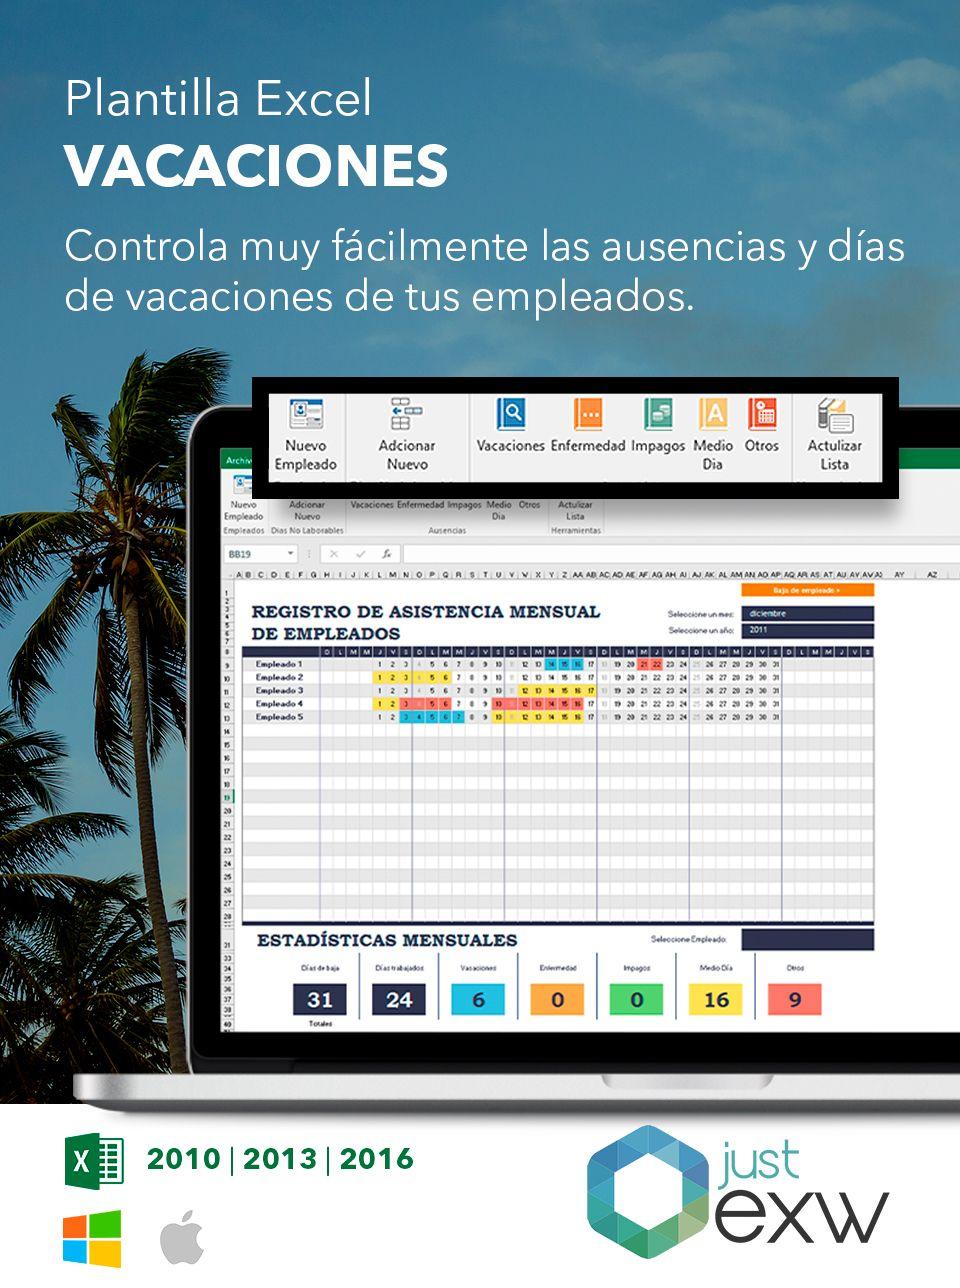 Plantilla de control de vacaciones en excel | Plantilla Excel